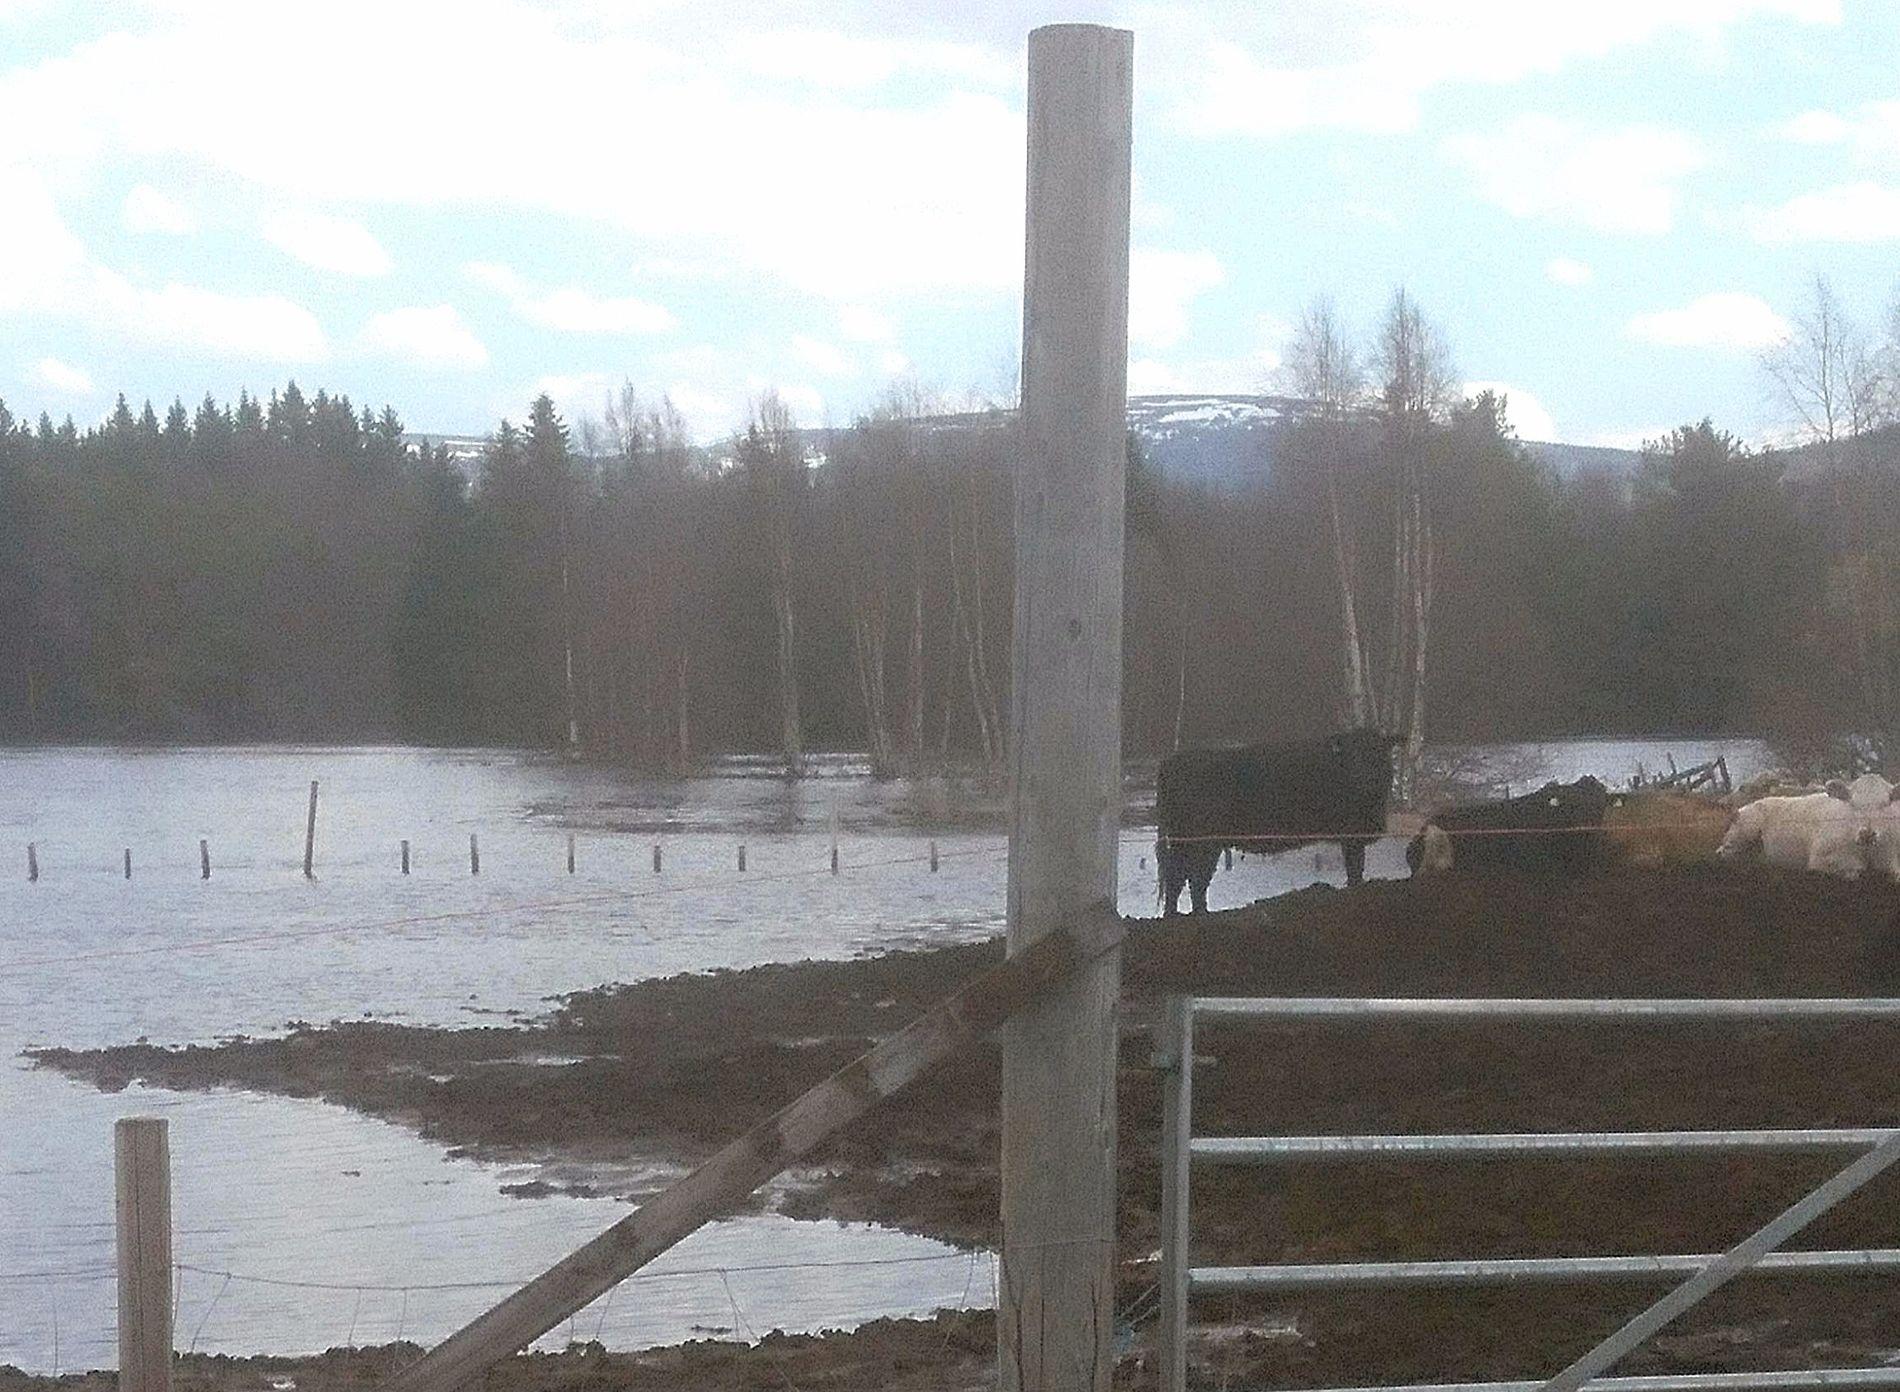 EVAKUERTE KYR: Elven Ljøra kom faretruende nære kyrne til Øyvind Kveen i Ljørdalen. Nå er de evakuert.